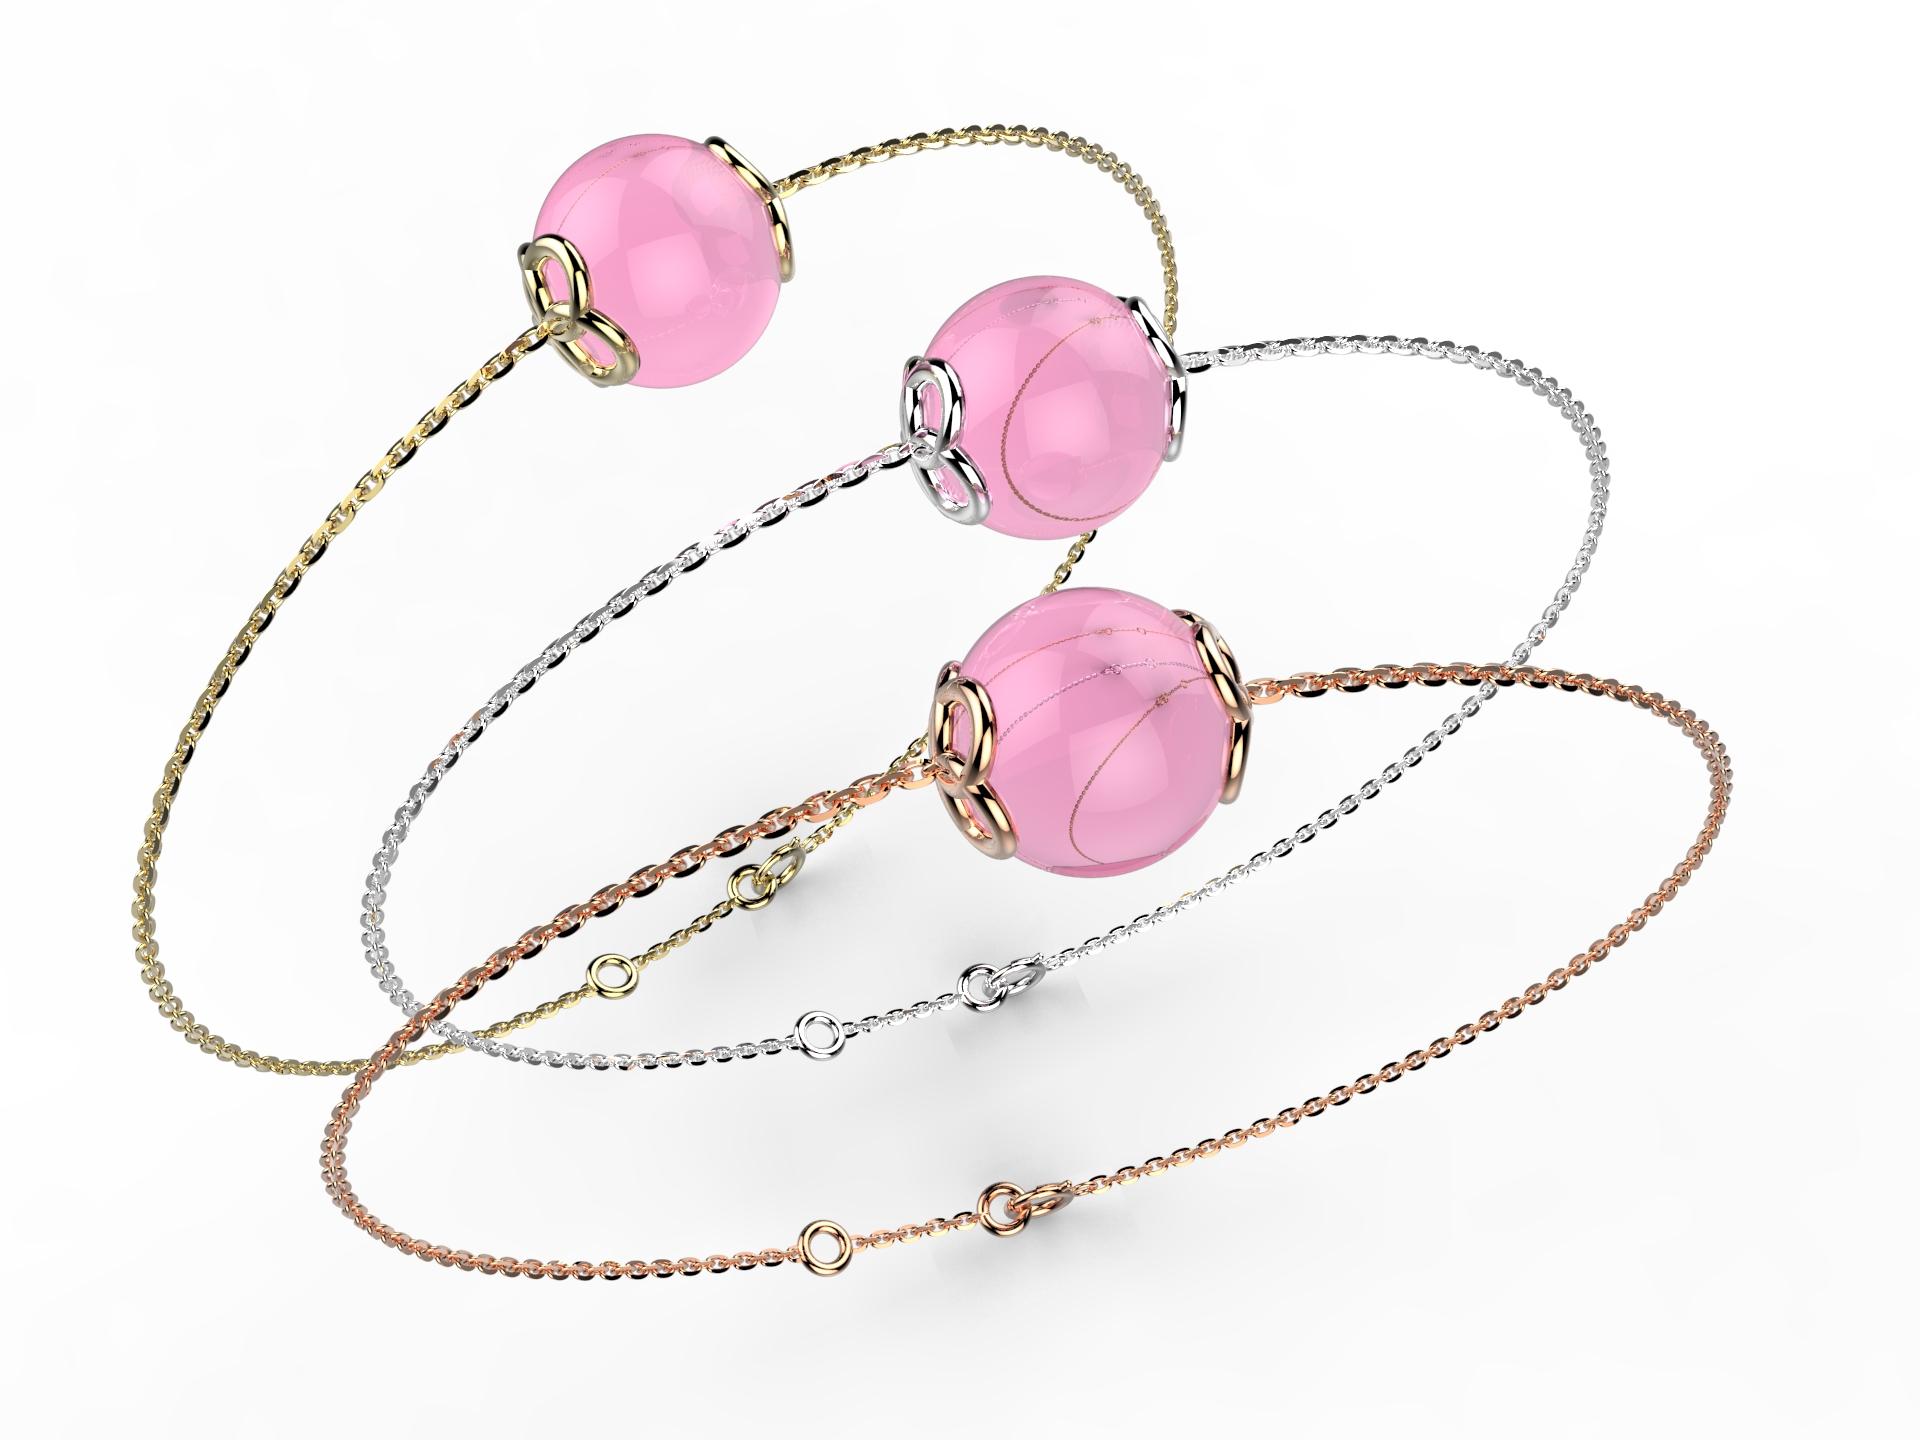 Bracelet or perle quartz rose 330 €